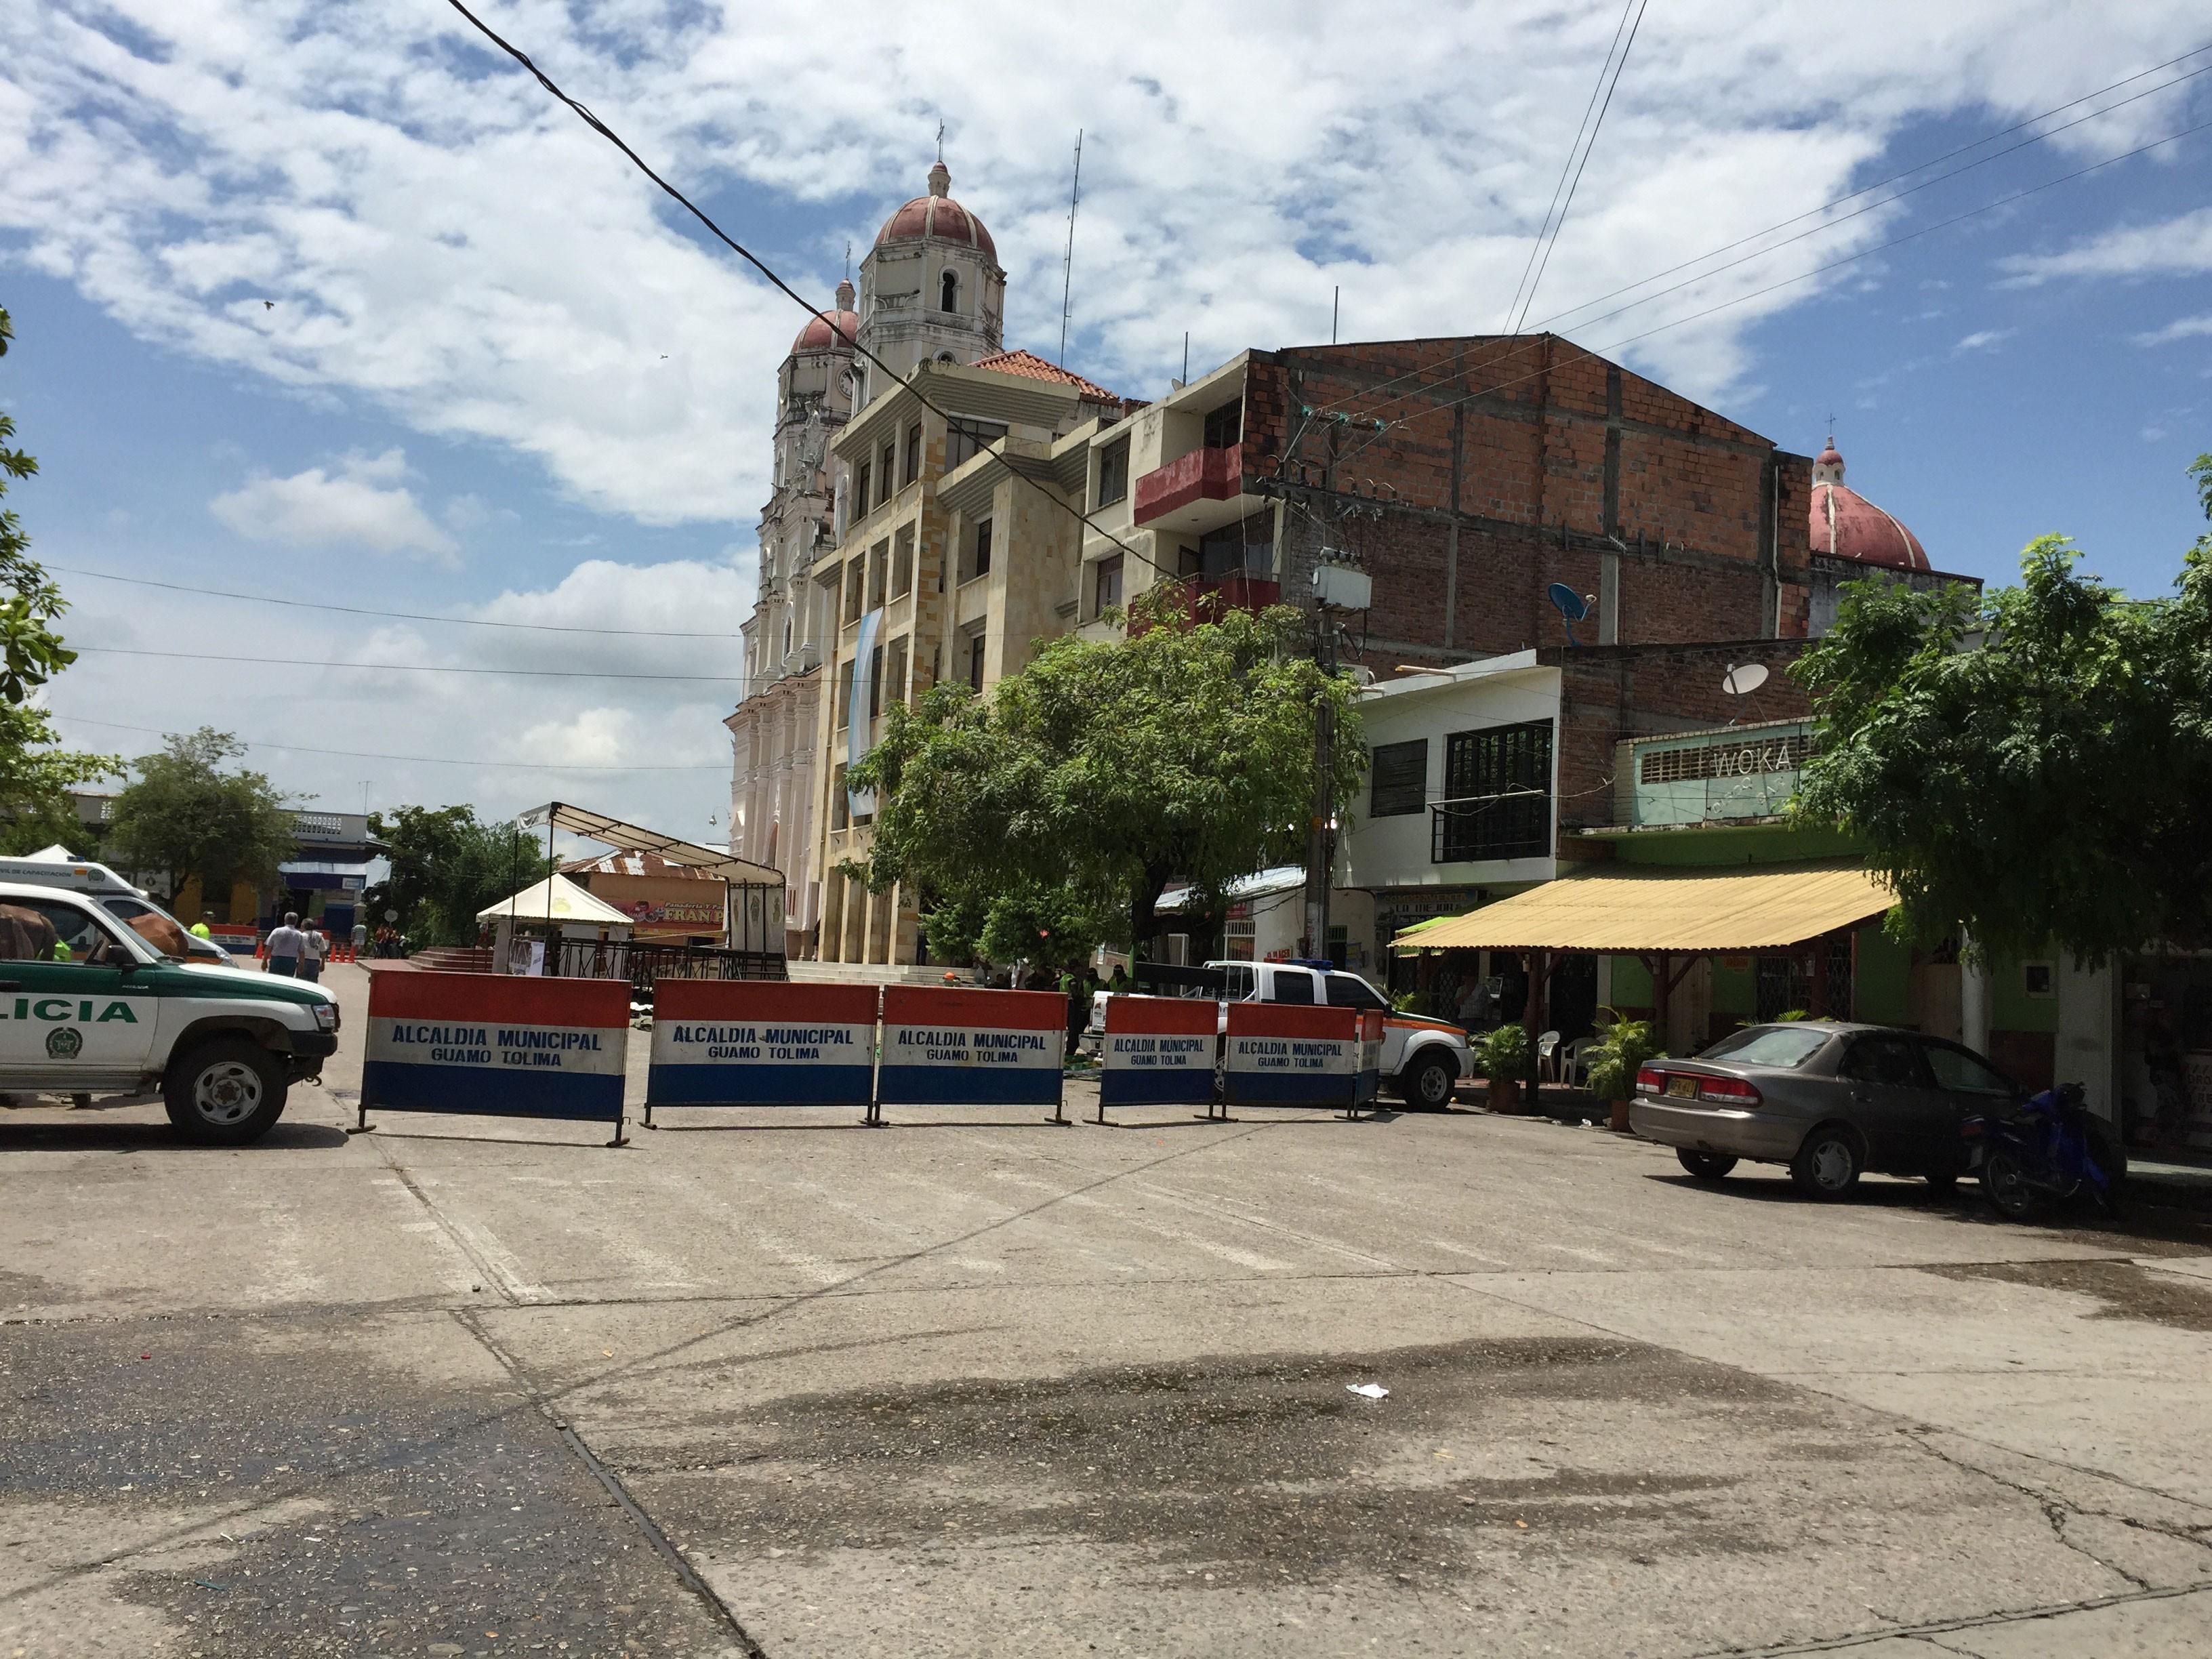 El Guamo se levanta contra su Alcalde, lo denuncian por abuso de autoridad y de atentar contra la economía de la localidad